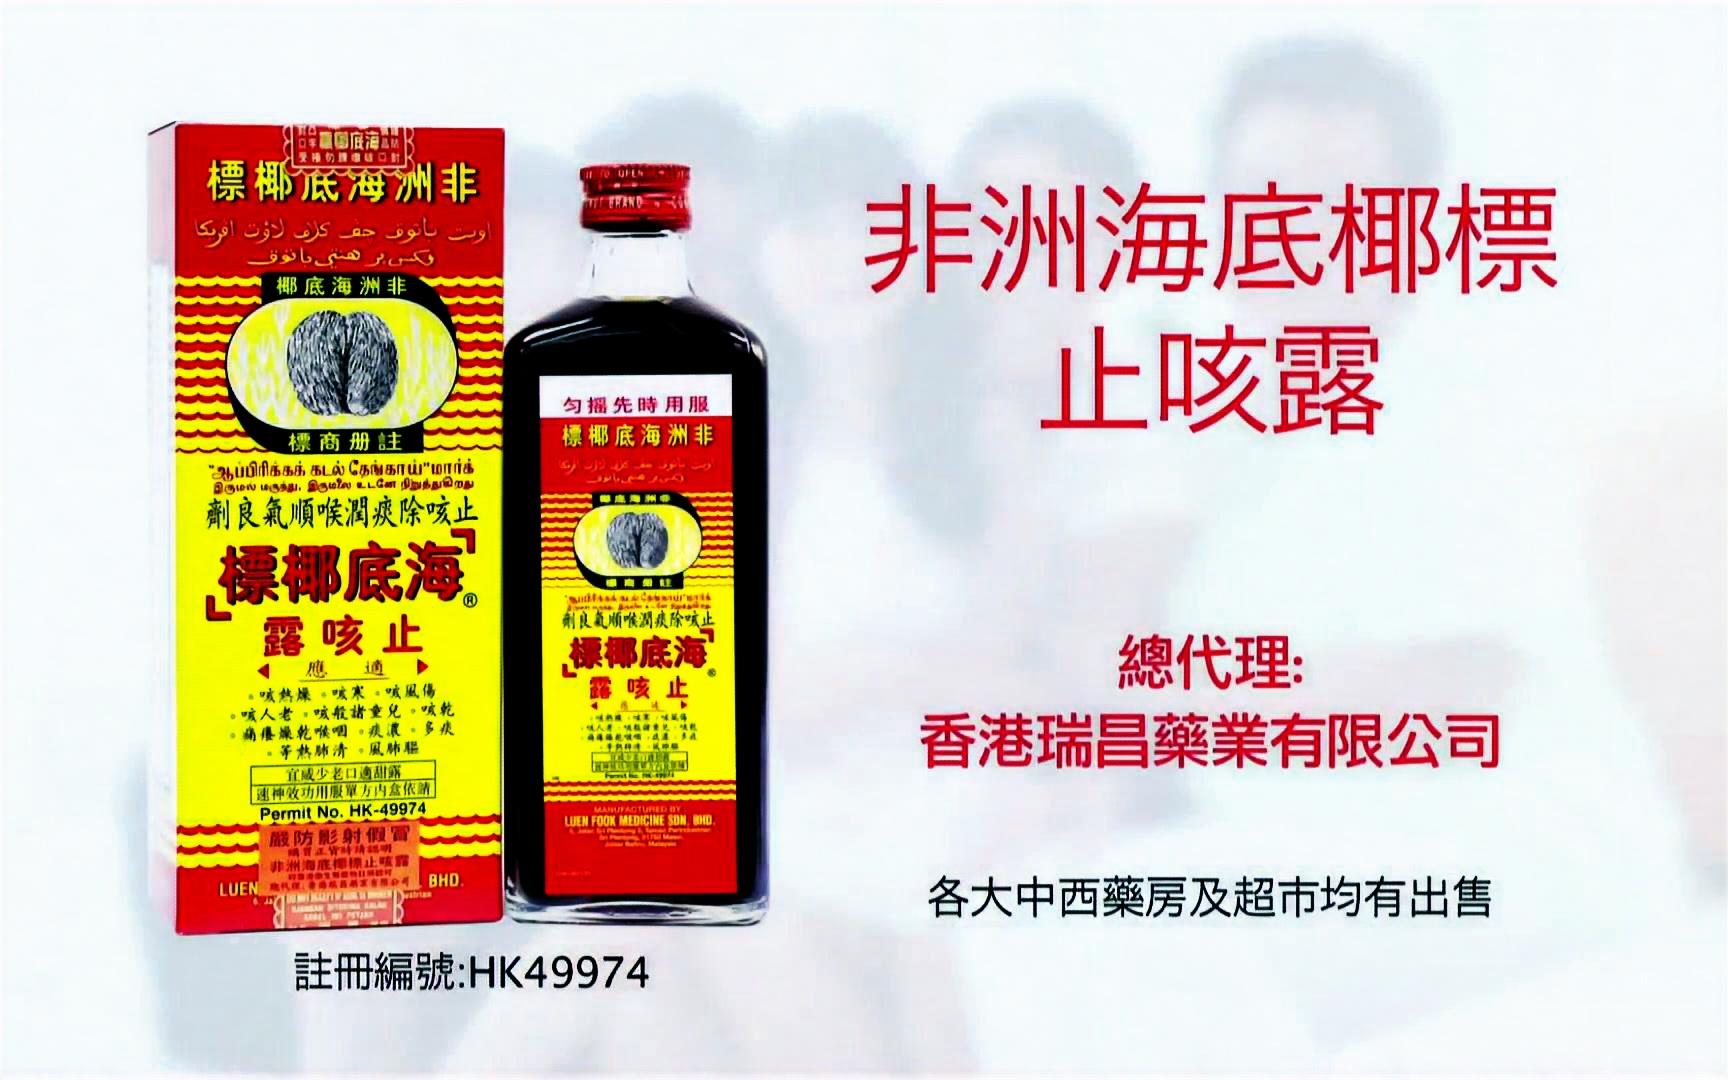 [香港廣告](2018)非洲海底椰標止咳露(16:9)_嗶哩嗶哩 (゜-゜)つロ 干杯~-bilibili